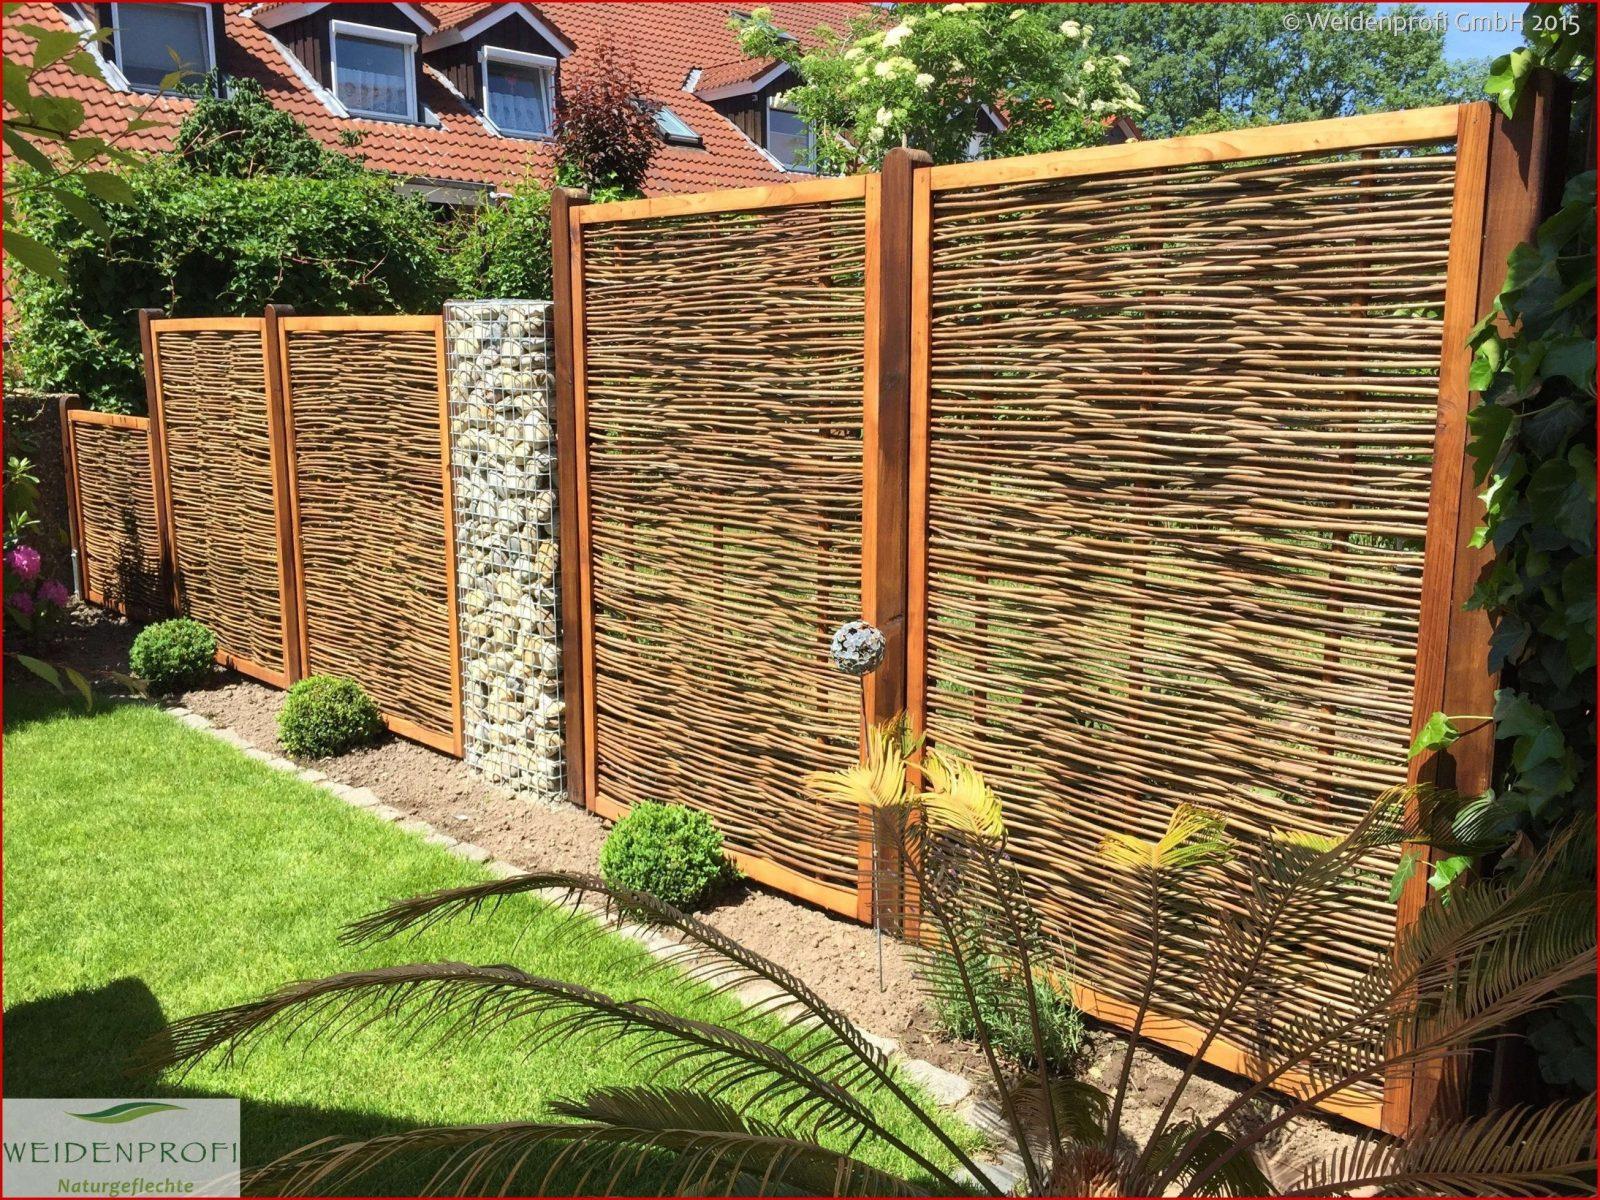 Schallschutz Garten Elegant Garten Sichtschutz Nachbarn  Garten Fur von Sichtschutz Zum Nachbarn Ideen Photo